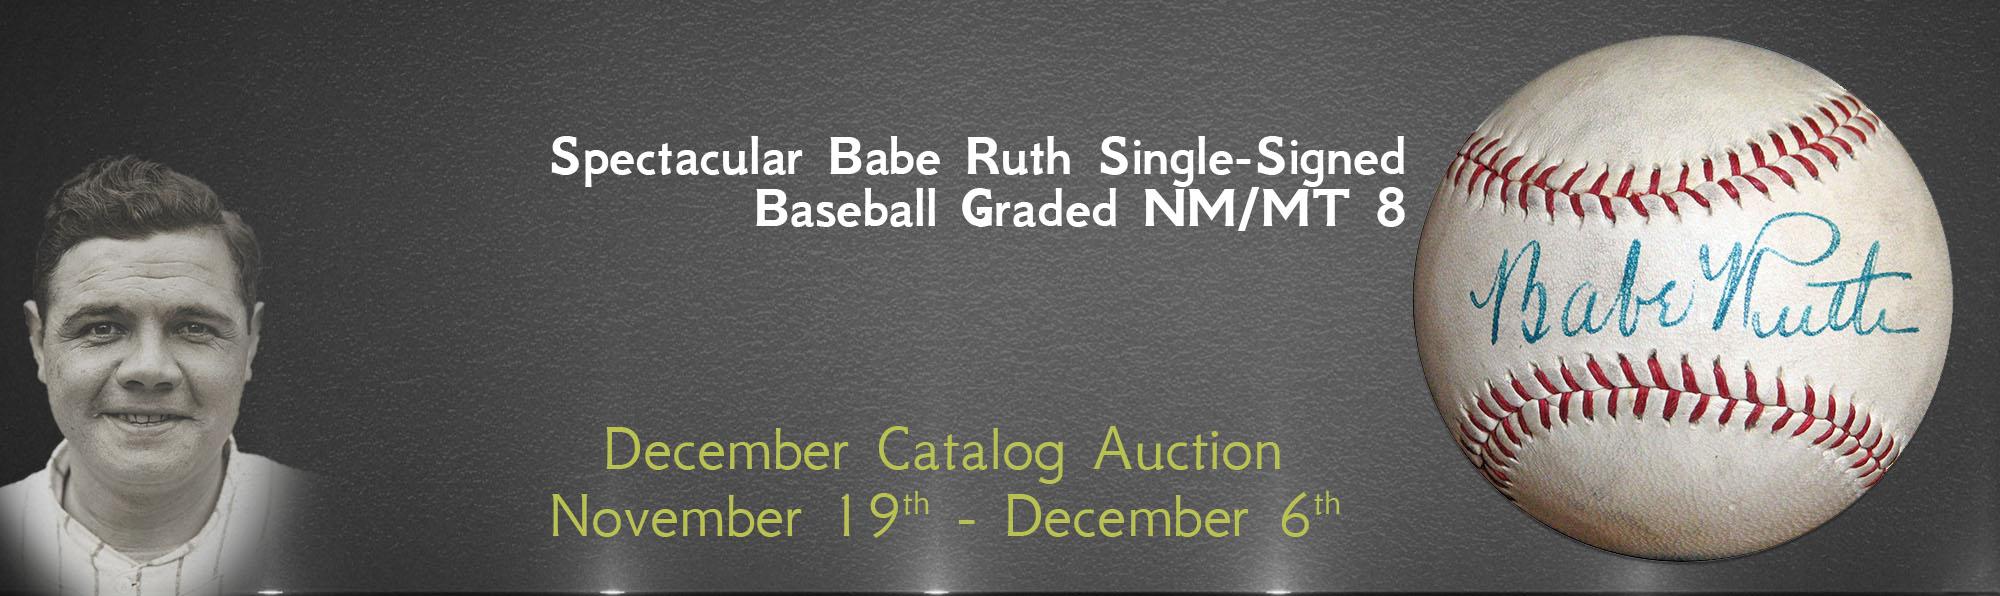 Single-Signed Babe Ruth Baseball